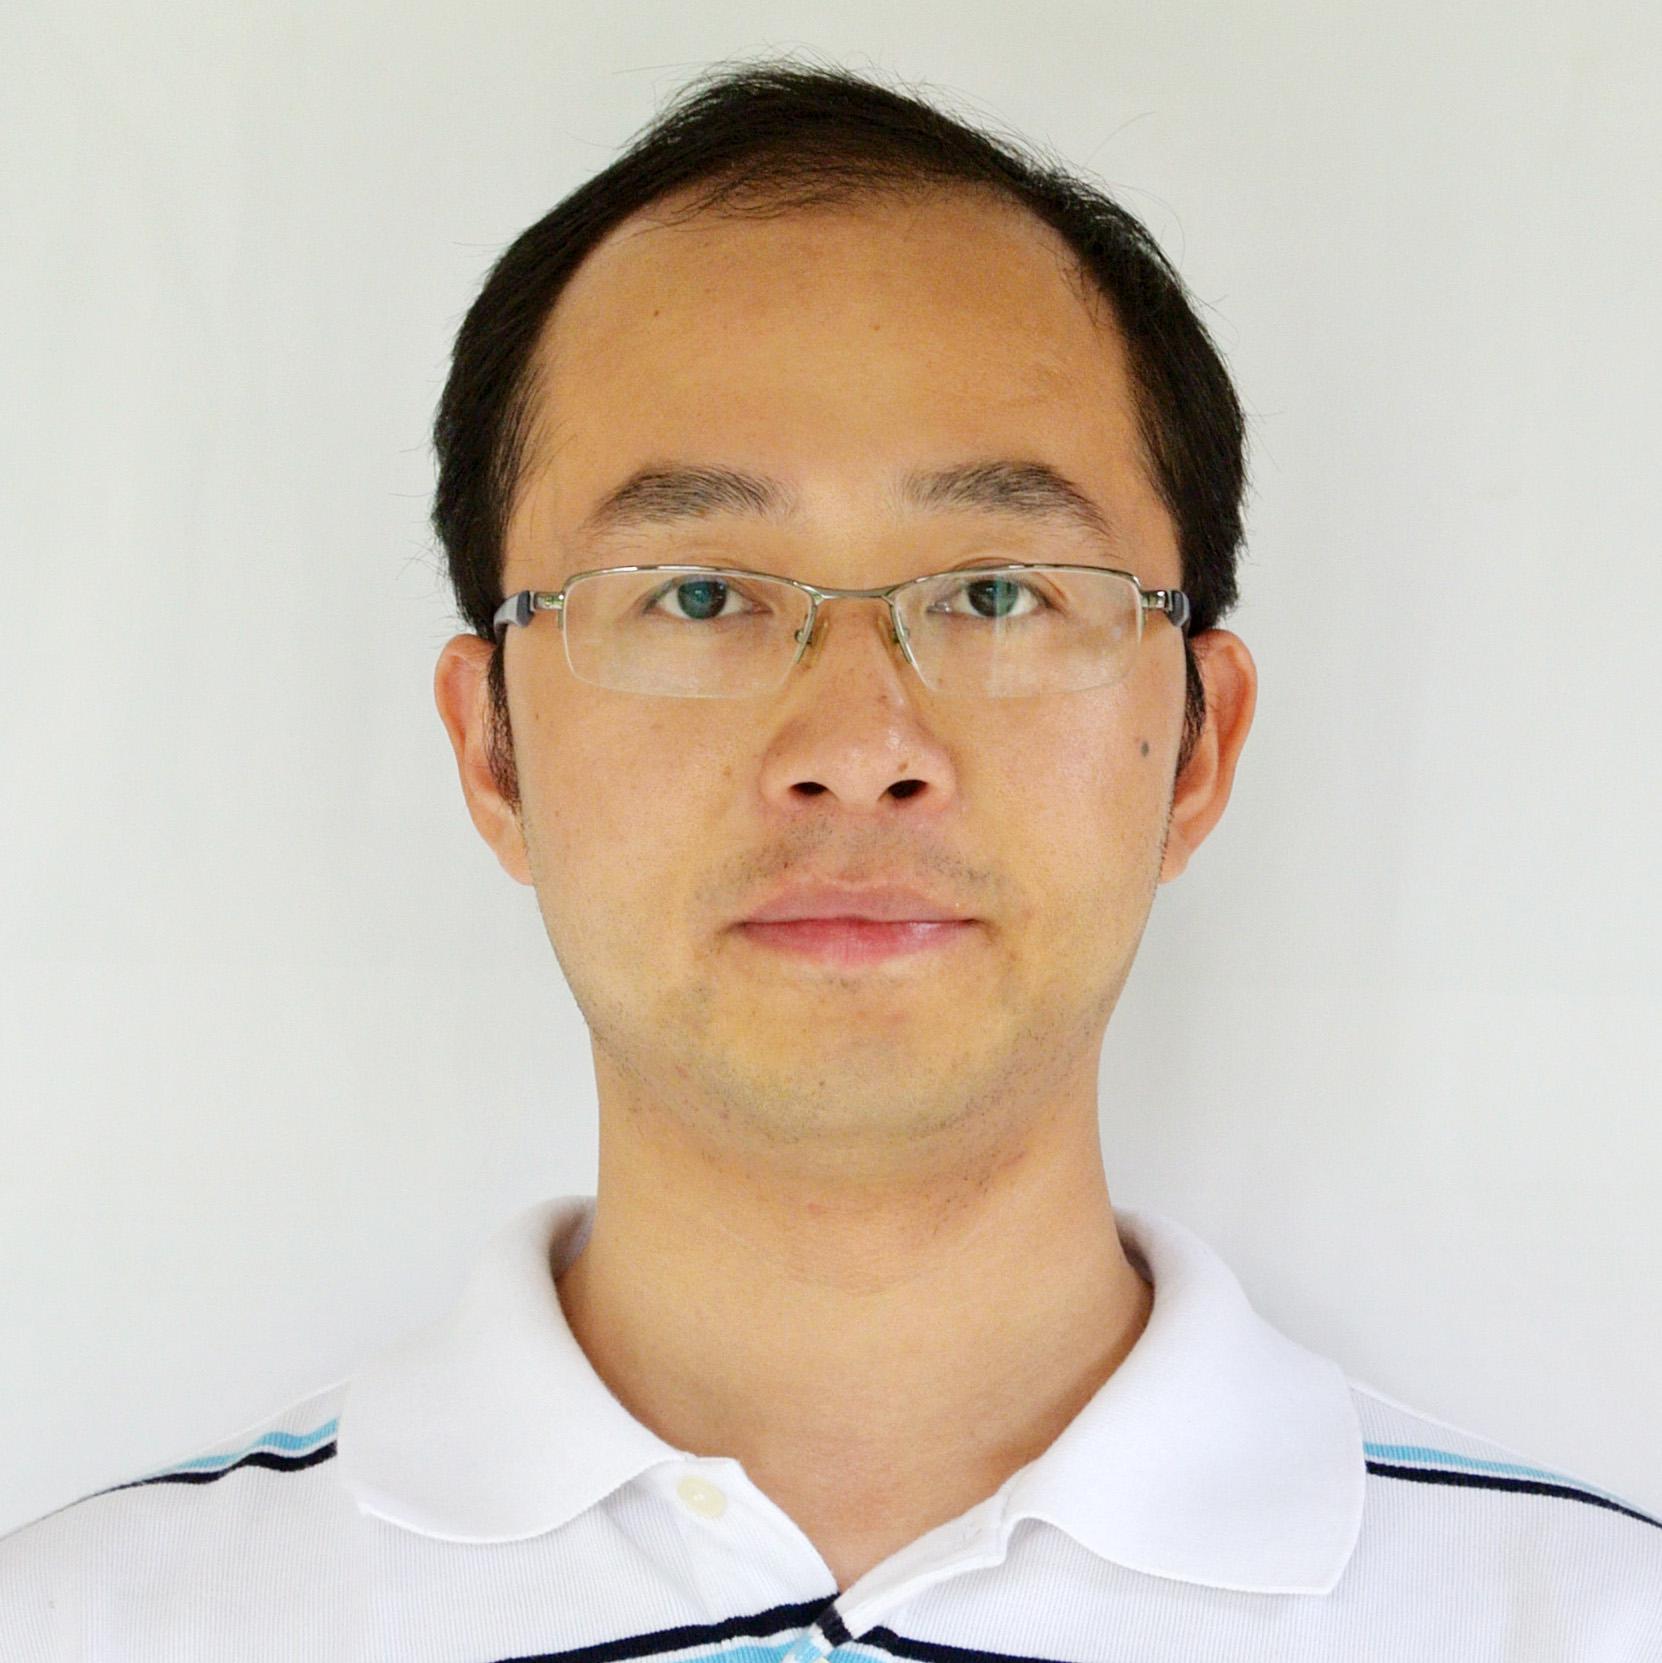 上海恒瑞医药有限公司生物医药部执行总监顾津明